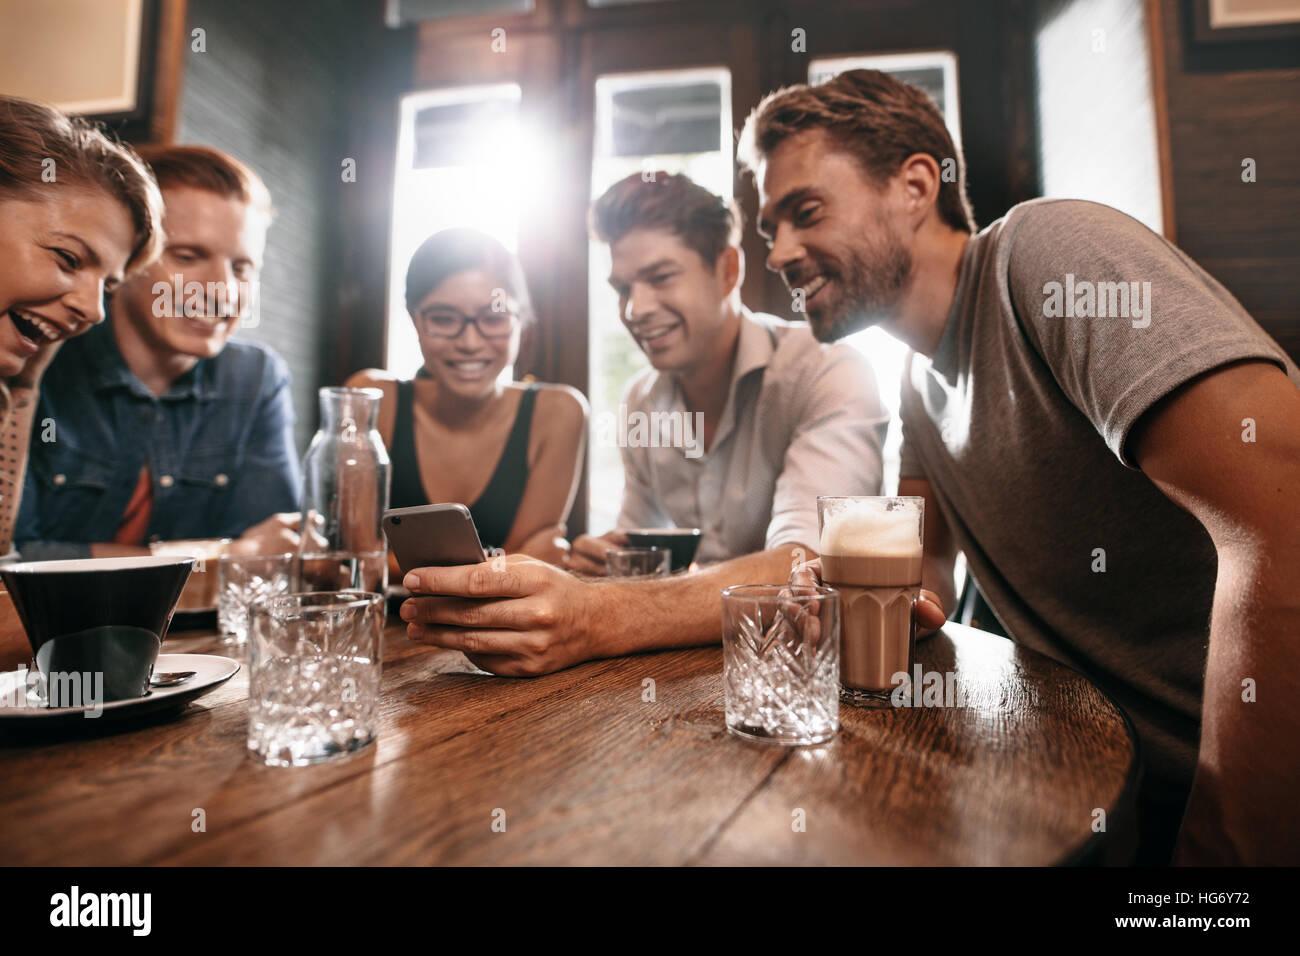 Grupo de Amigos sentados alrededor de una mesa de café y mirando al teléfono móvil. Los jóvenes, Imagen De Stock